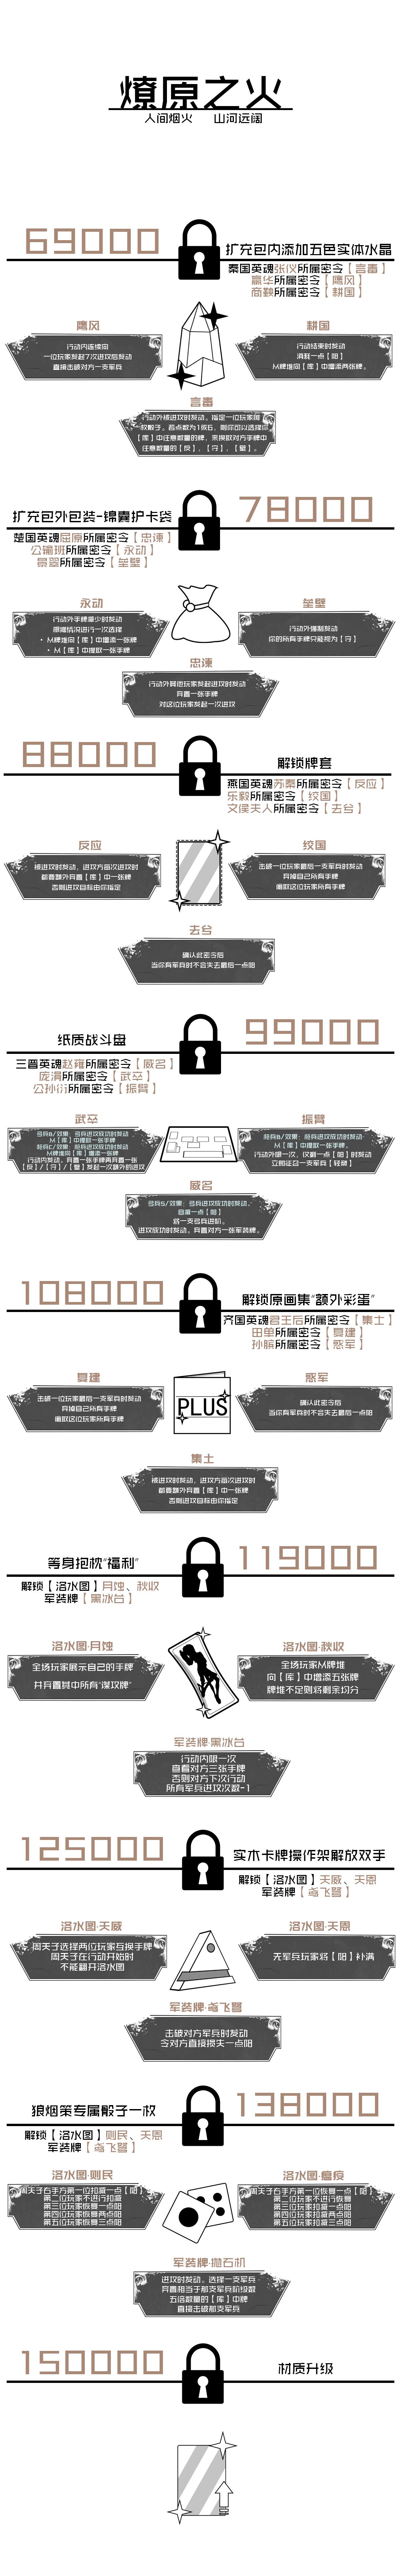 新解锁2.jpg